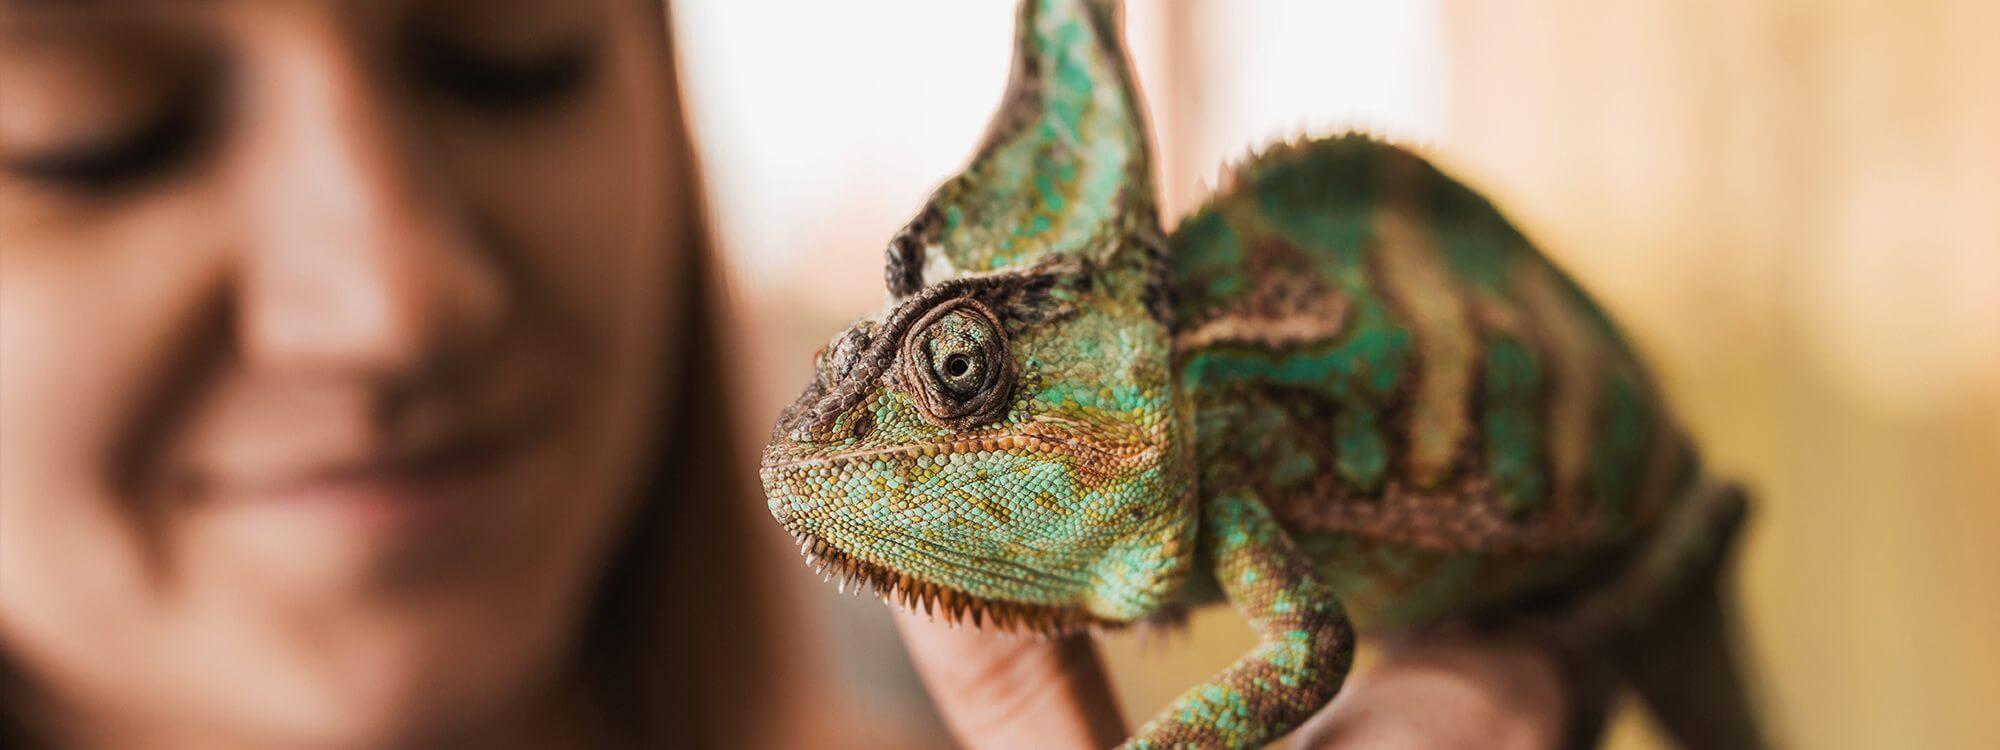 girl holding chameleon